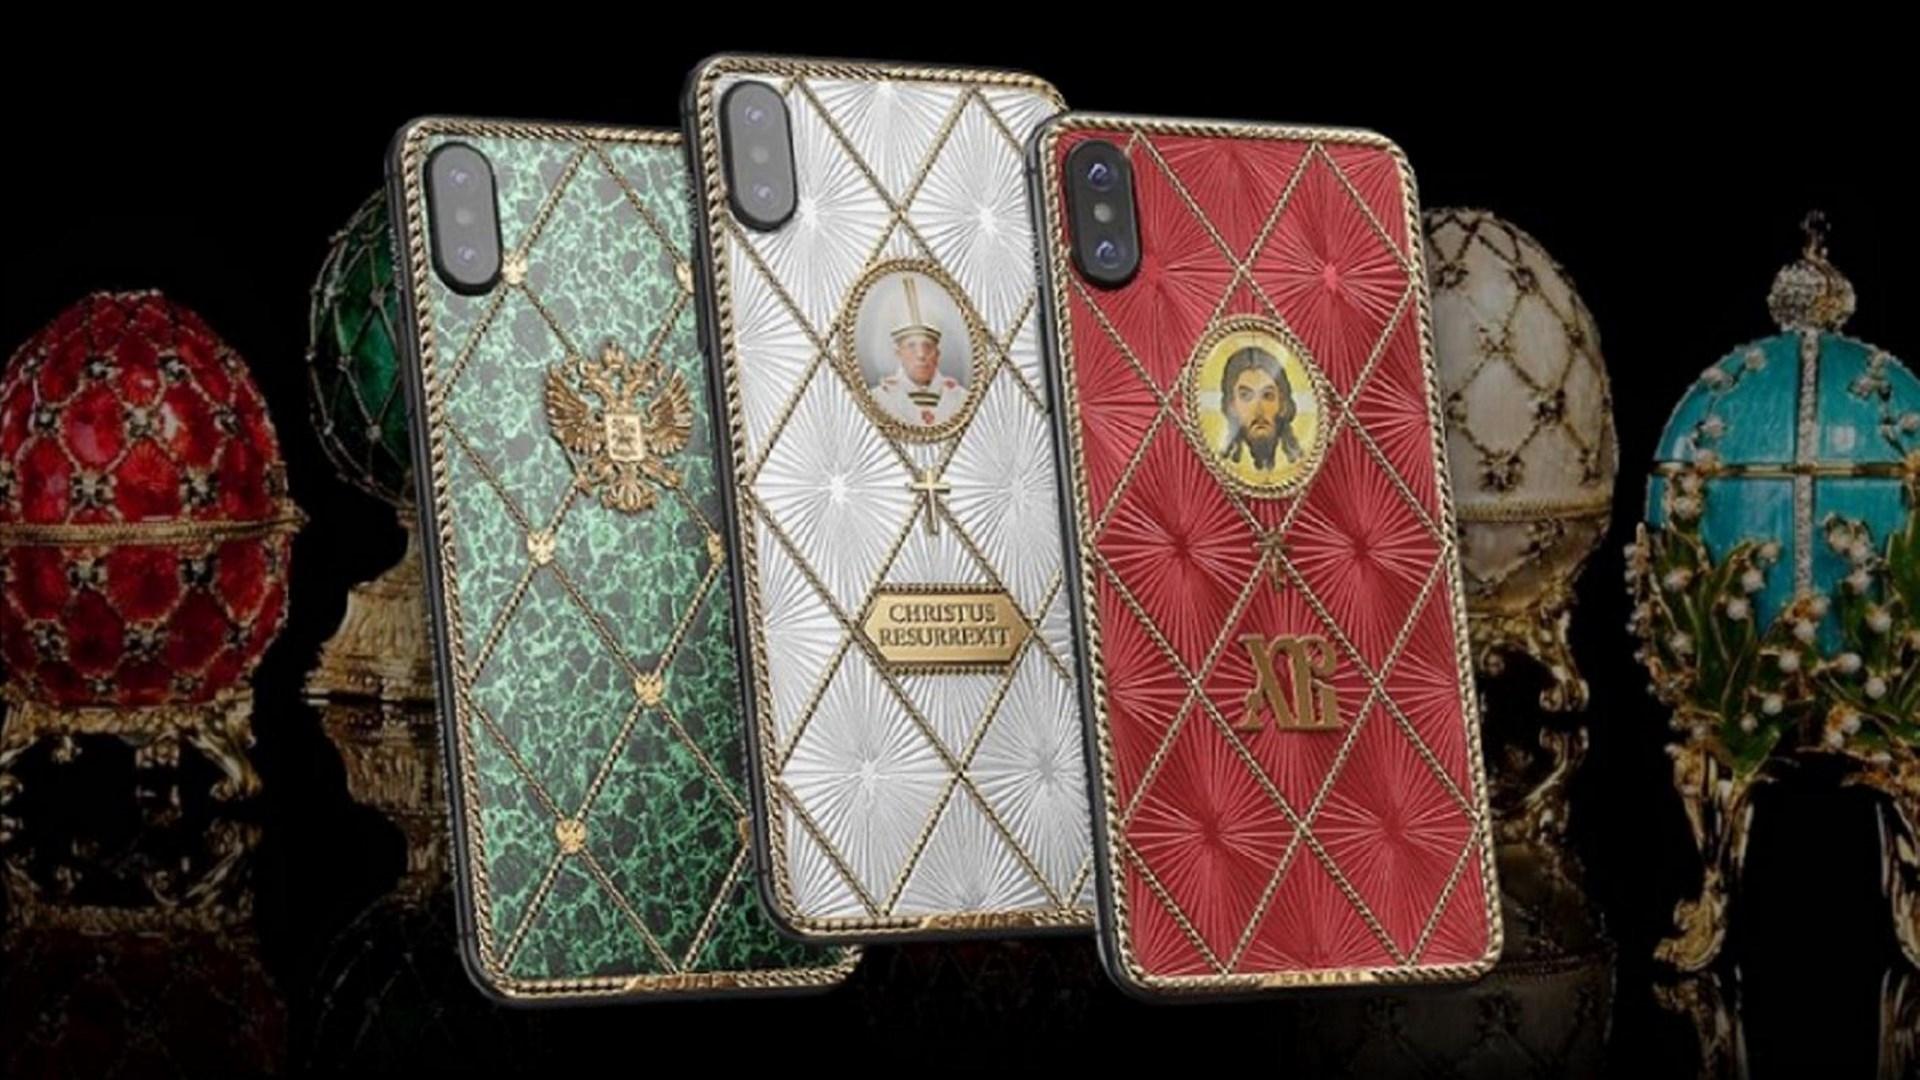 Компания Caviar представила к православной Пасхе iPhone X в тематике Фаберже